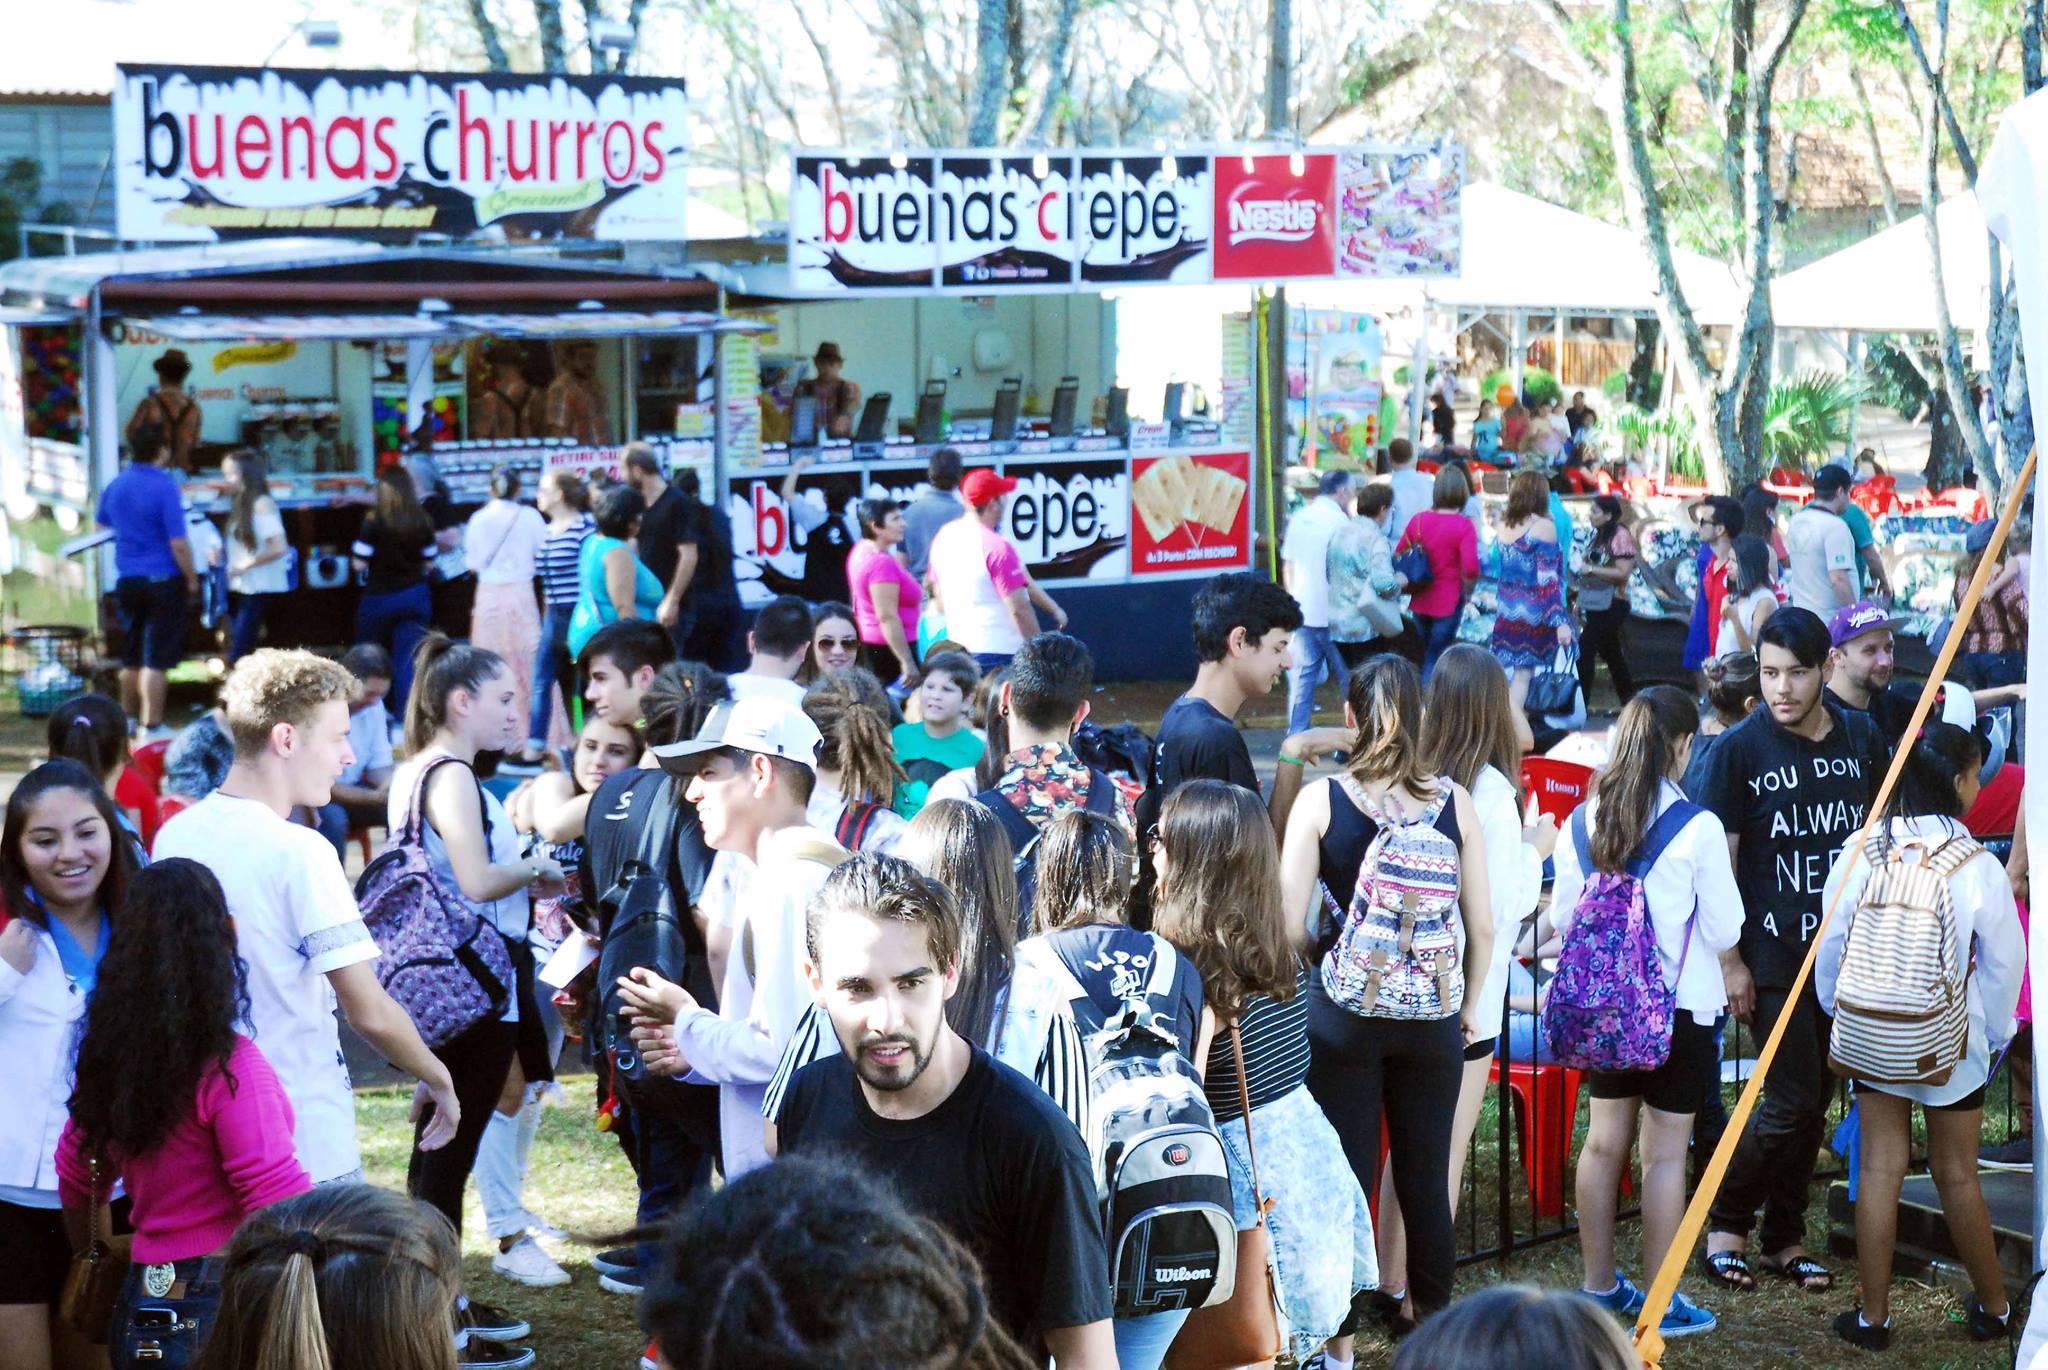 Somente na terça-feira dia 2, cerca de 20 mil pessoas acompanharam as atrações da Fenamilho, data em que a entrada foi gratuita